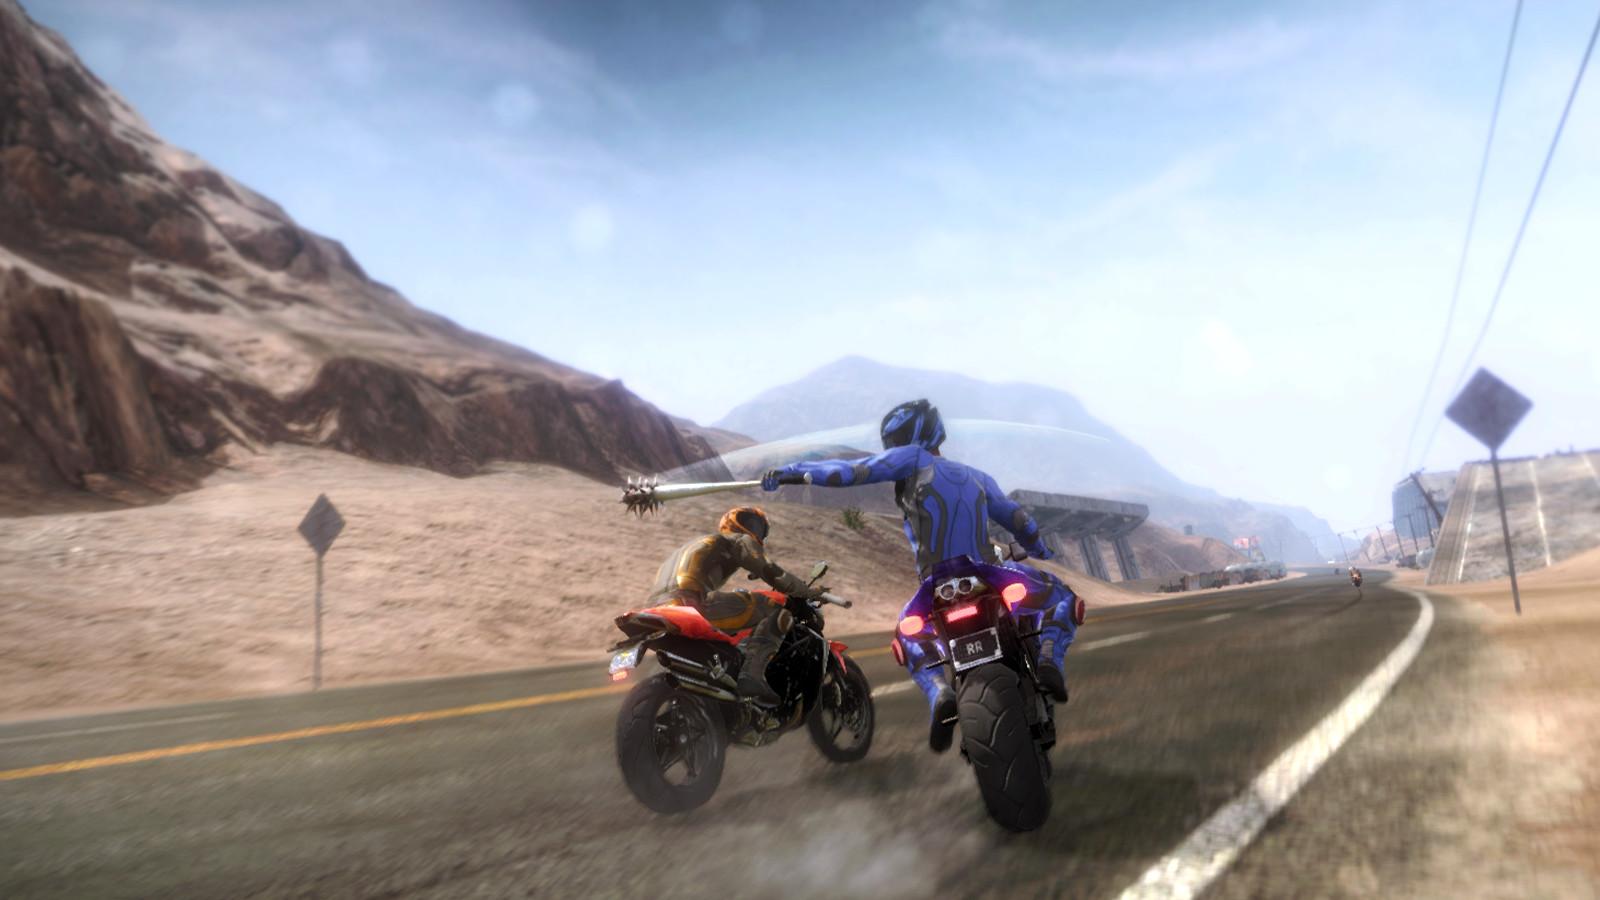 暴力摩托车2009简介:暴力摩托车2009的游戏介绍